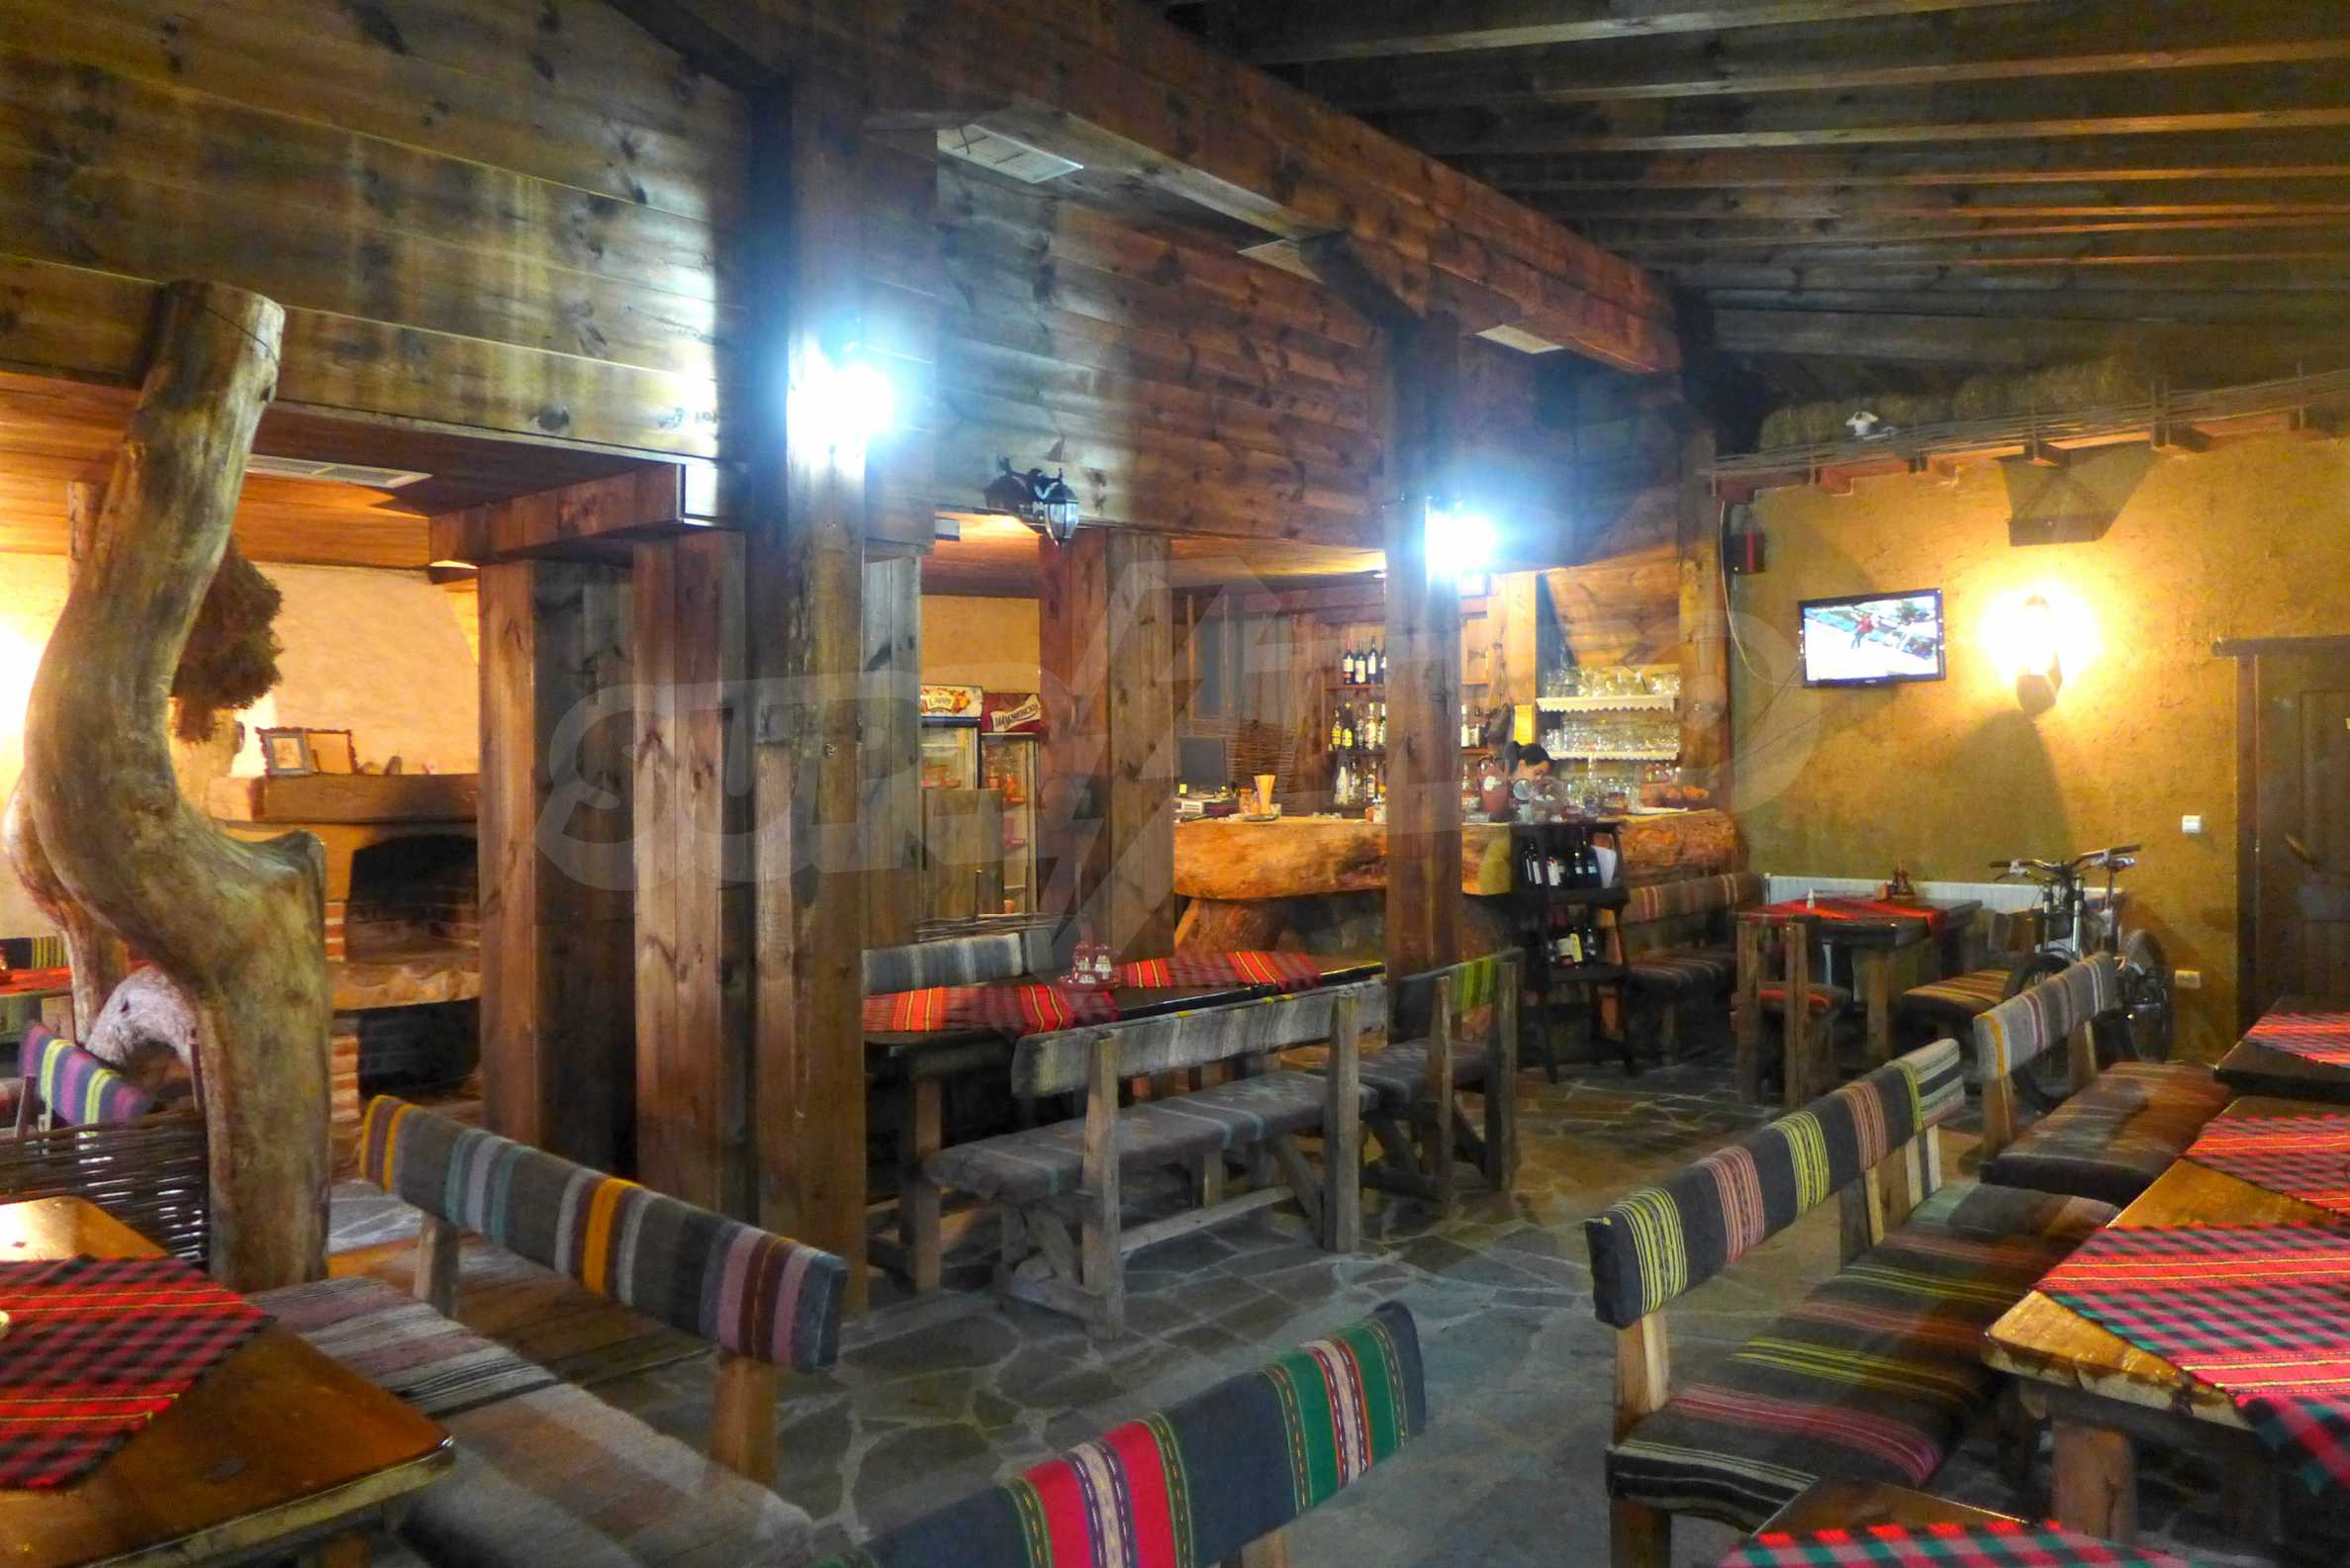 Familienhotel mit Taverne und Schönheitssalon im Kurort Dobrinishte 2